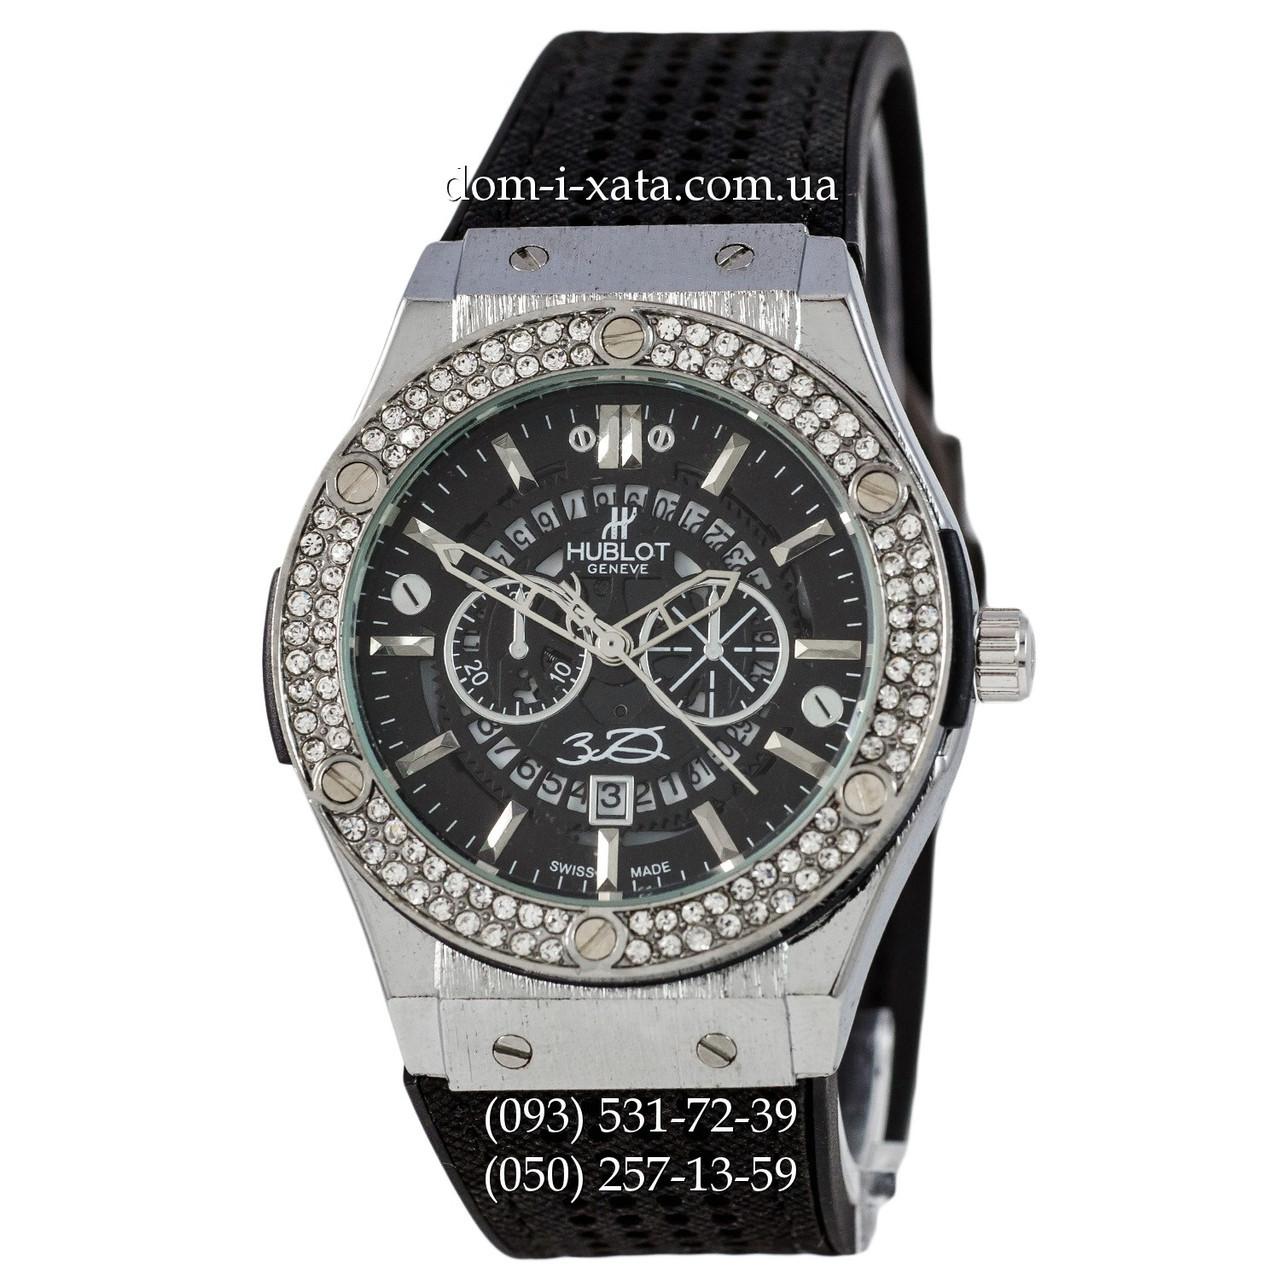 Мужские наручные часы Hublot 882888 Classic Fusion Crystal Black-Silver-Black, Хублот классик, реплика отличное качество!